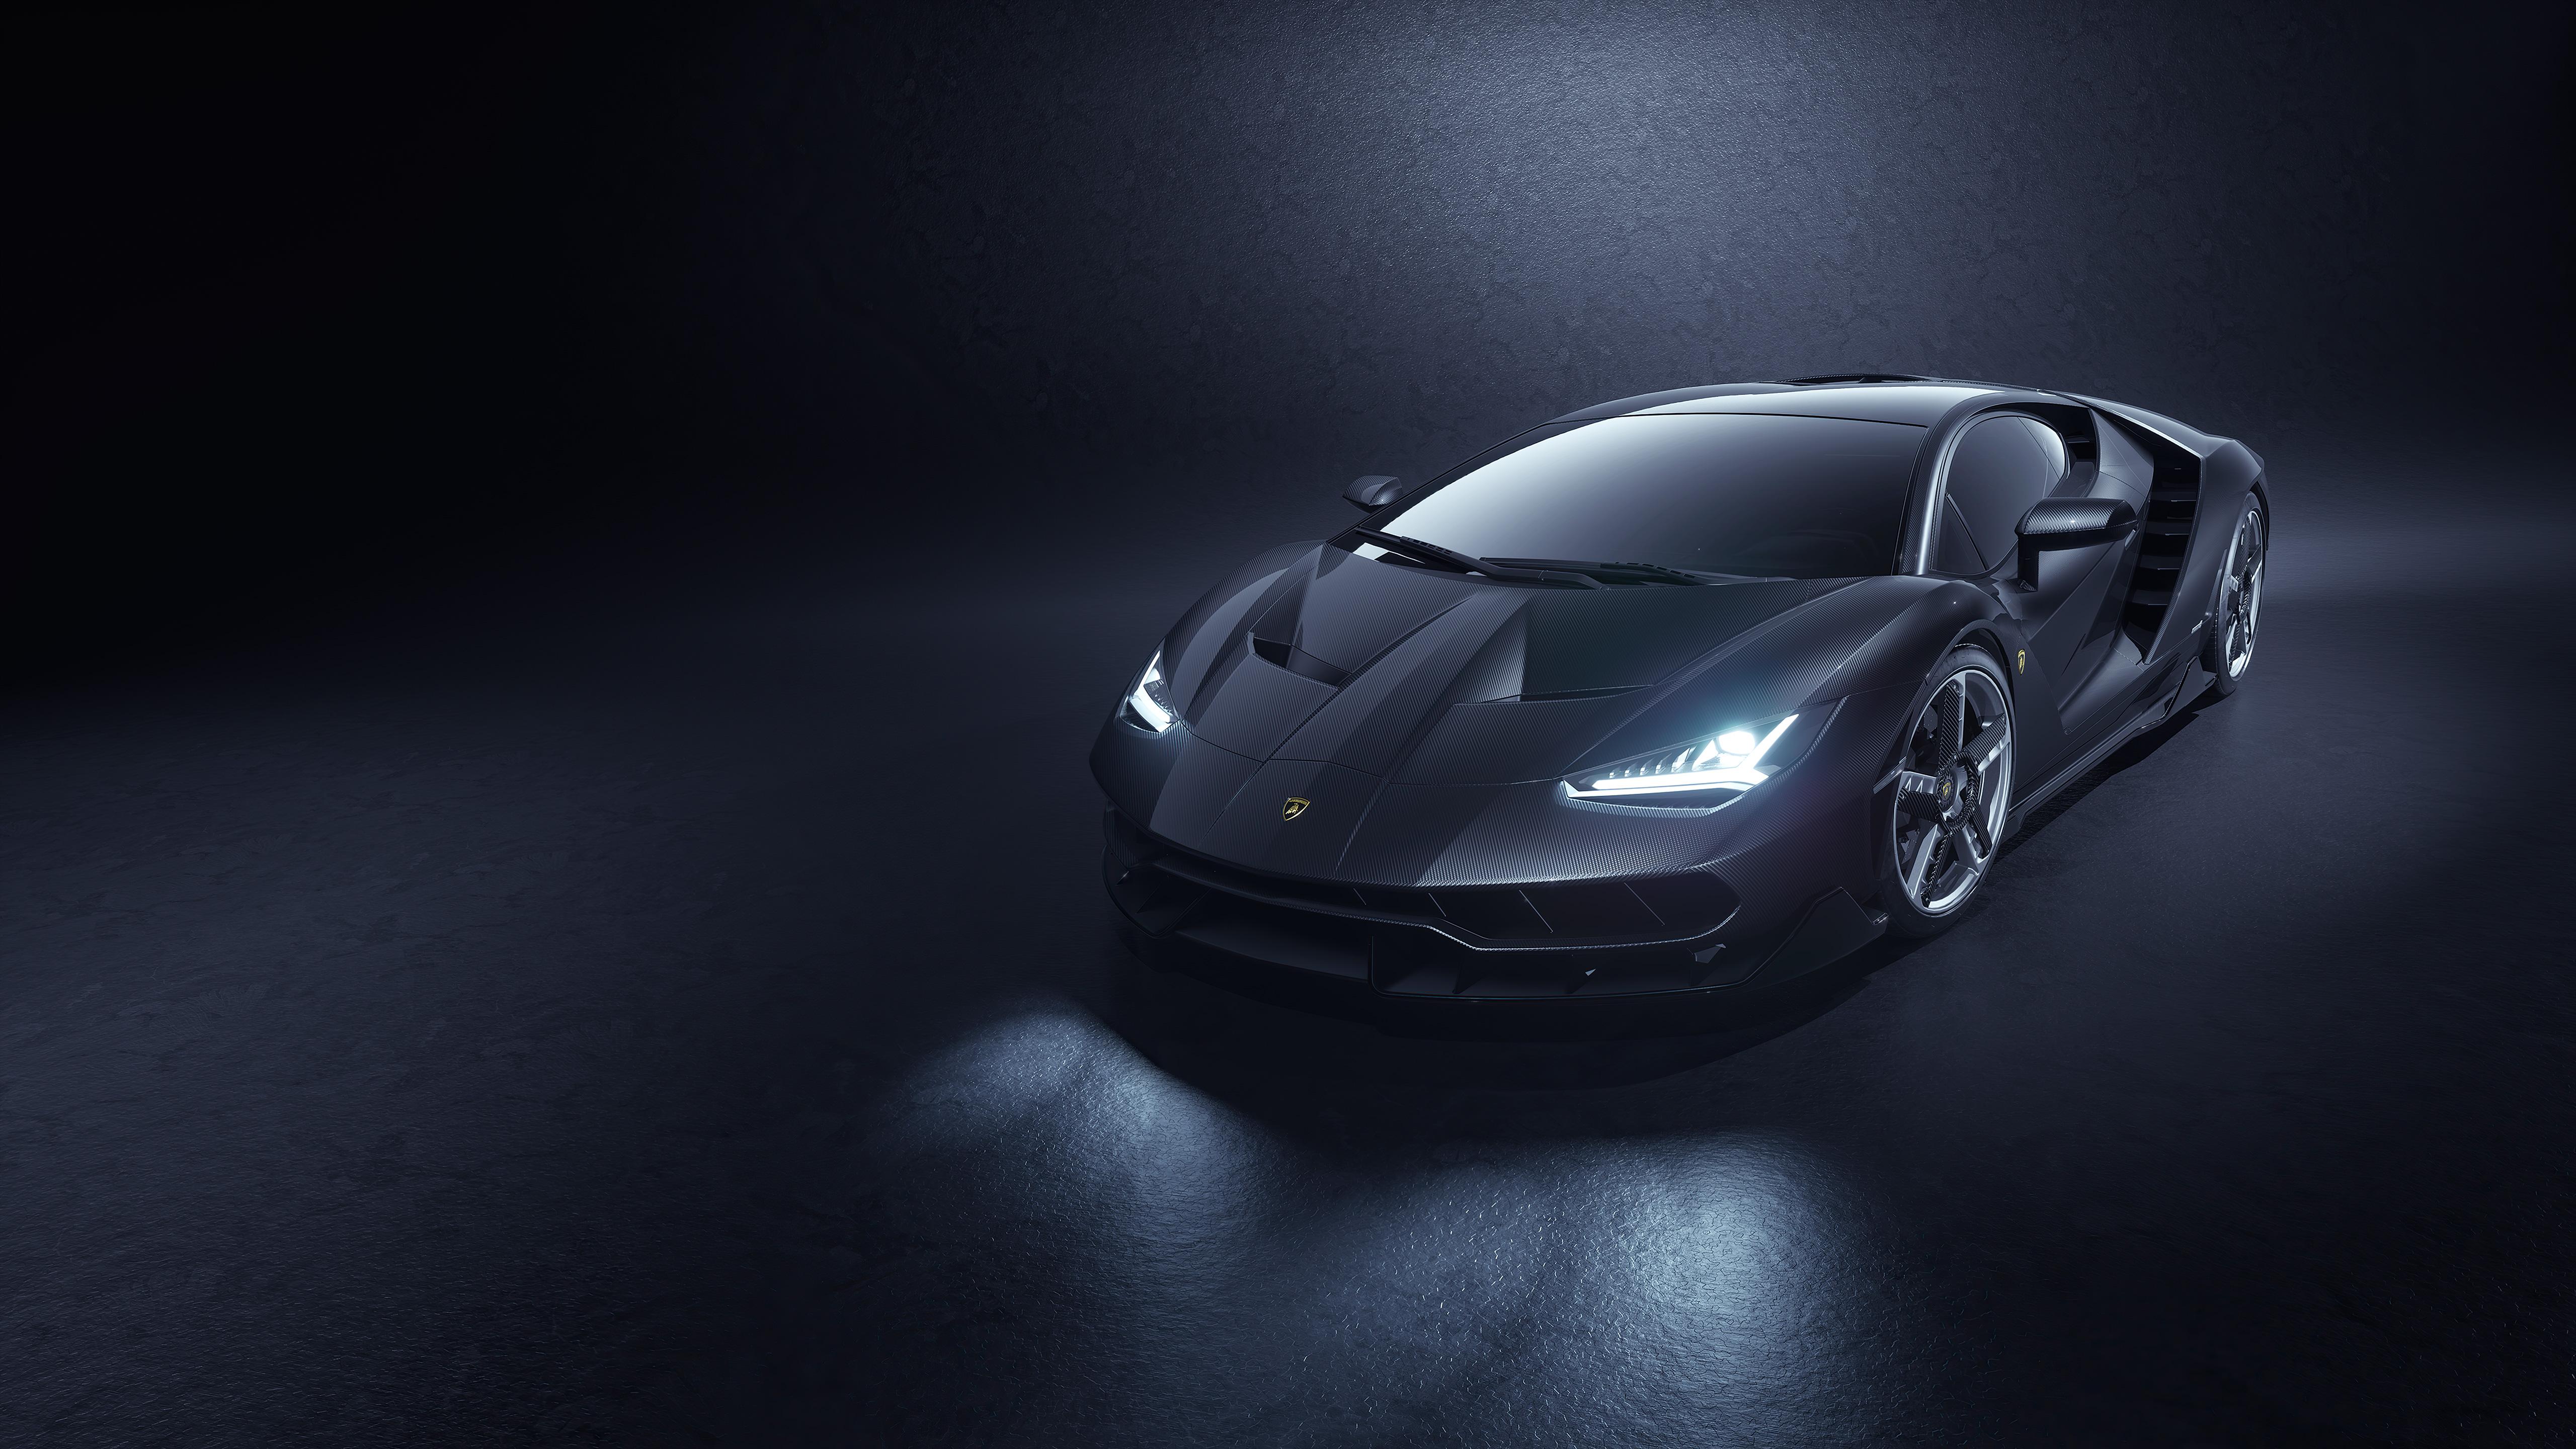 lamborghini centenario grey 4k 1620170158 - Lamborghini Centenario Grey 4k - Lamborghini Centenario Grey 4k wallpapers